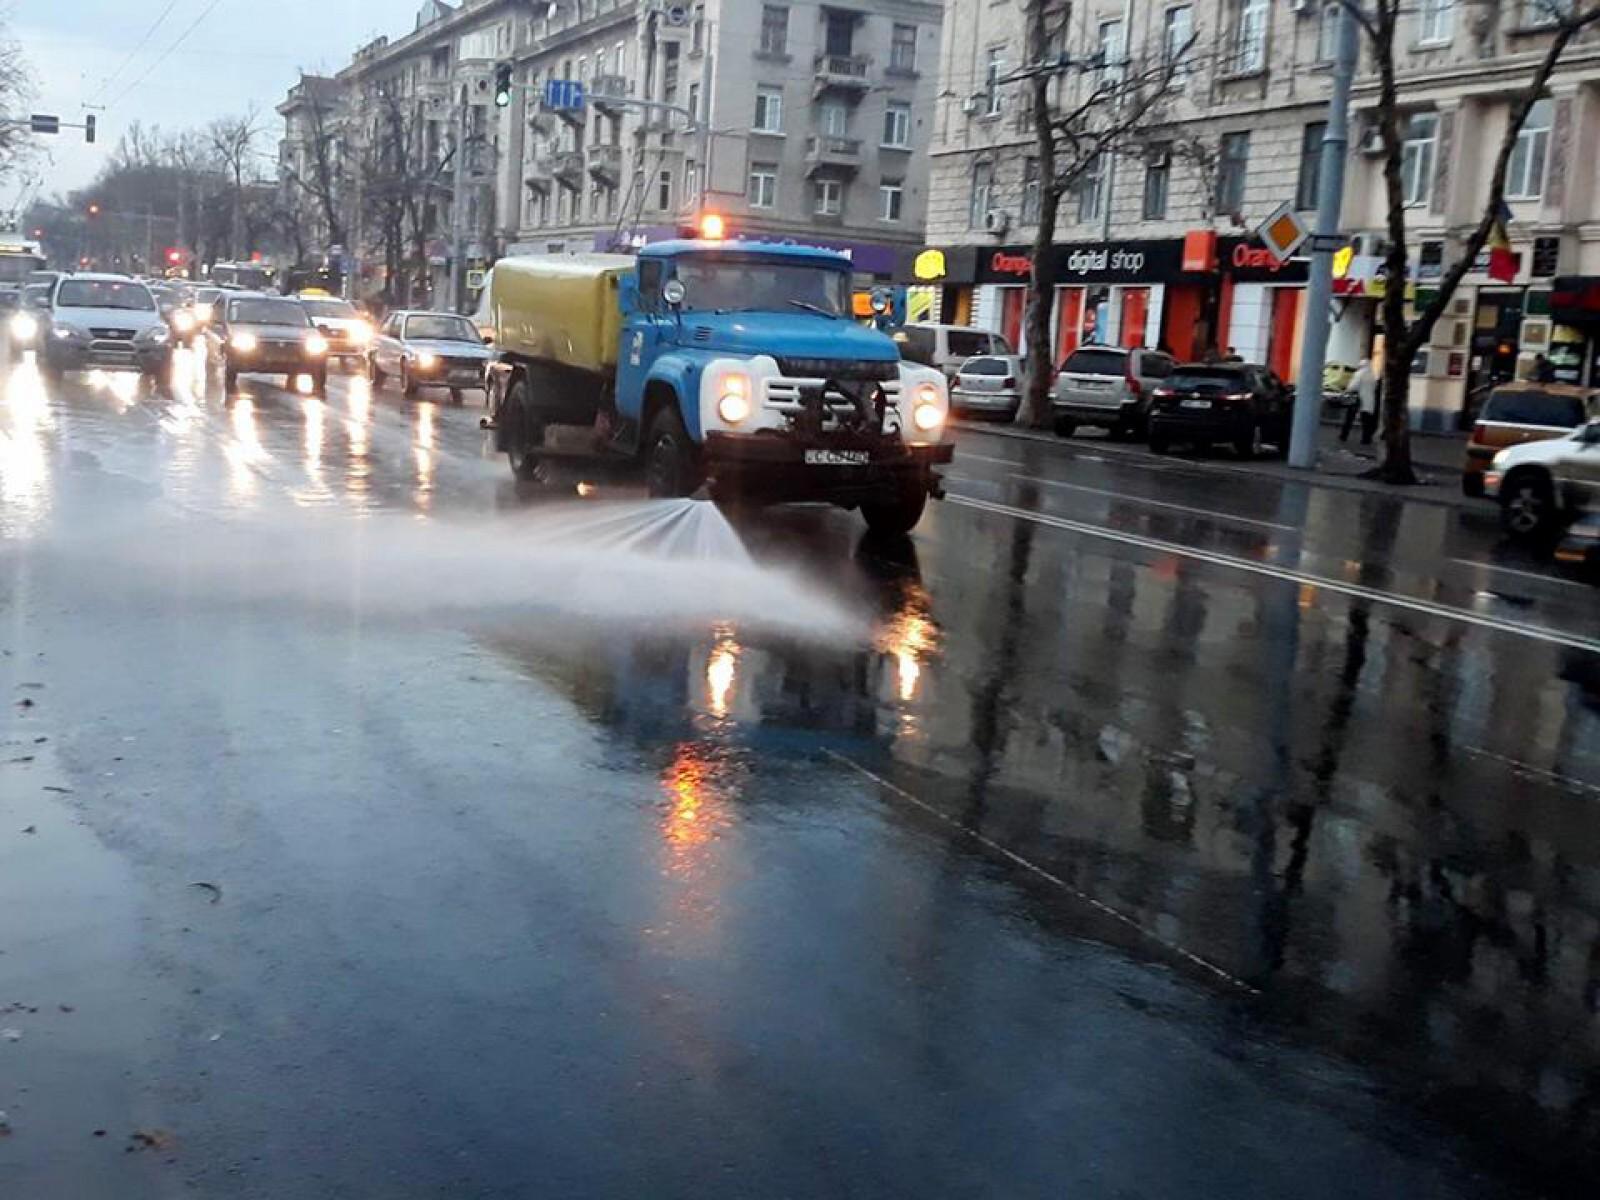 (foto) Primăria a inițiat curățenie generală în oraș: A început operațiunea de înlăturare a glodului de pe străzi